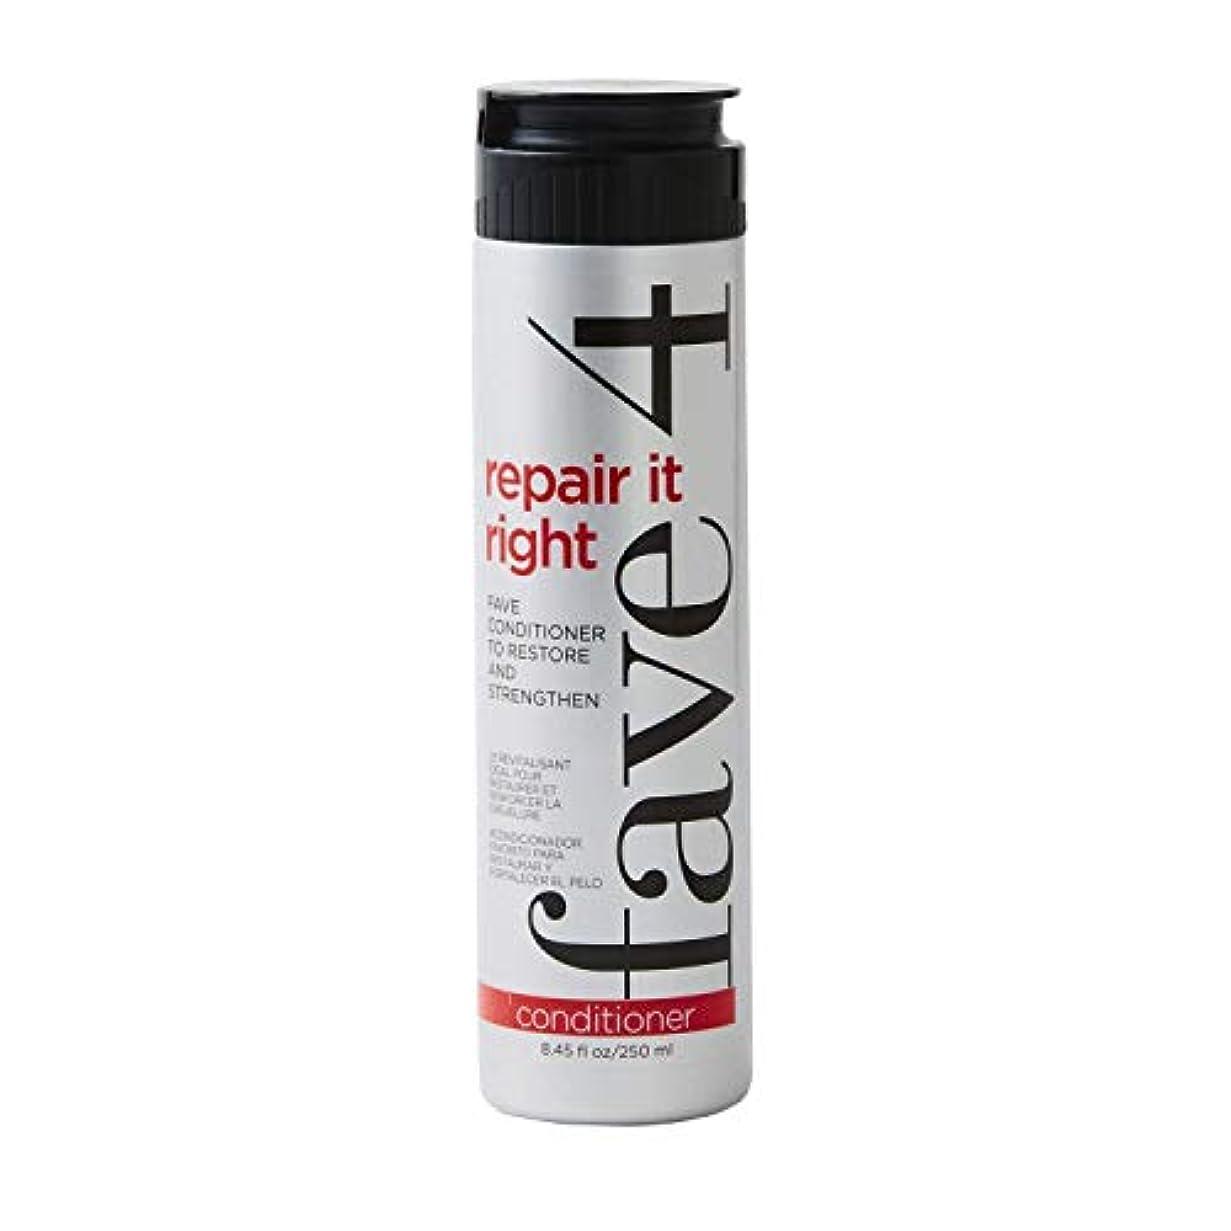 何でも今爆発fave4 復元し、強化するために右フェイブConditonerそれを修復 - 硫酸塩フリー|パラベンフリー|グルテンフリー|無添加塩化ナトリウムありません|虐待無料|色処理した毛髪、8.5オンスのための安全な 8.5オンス